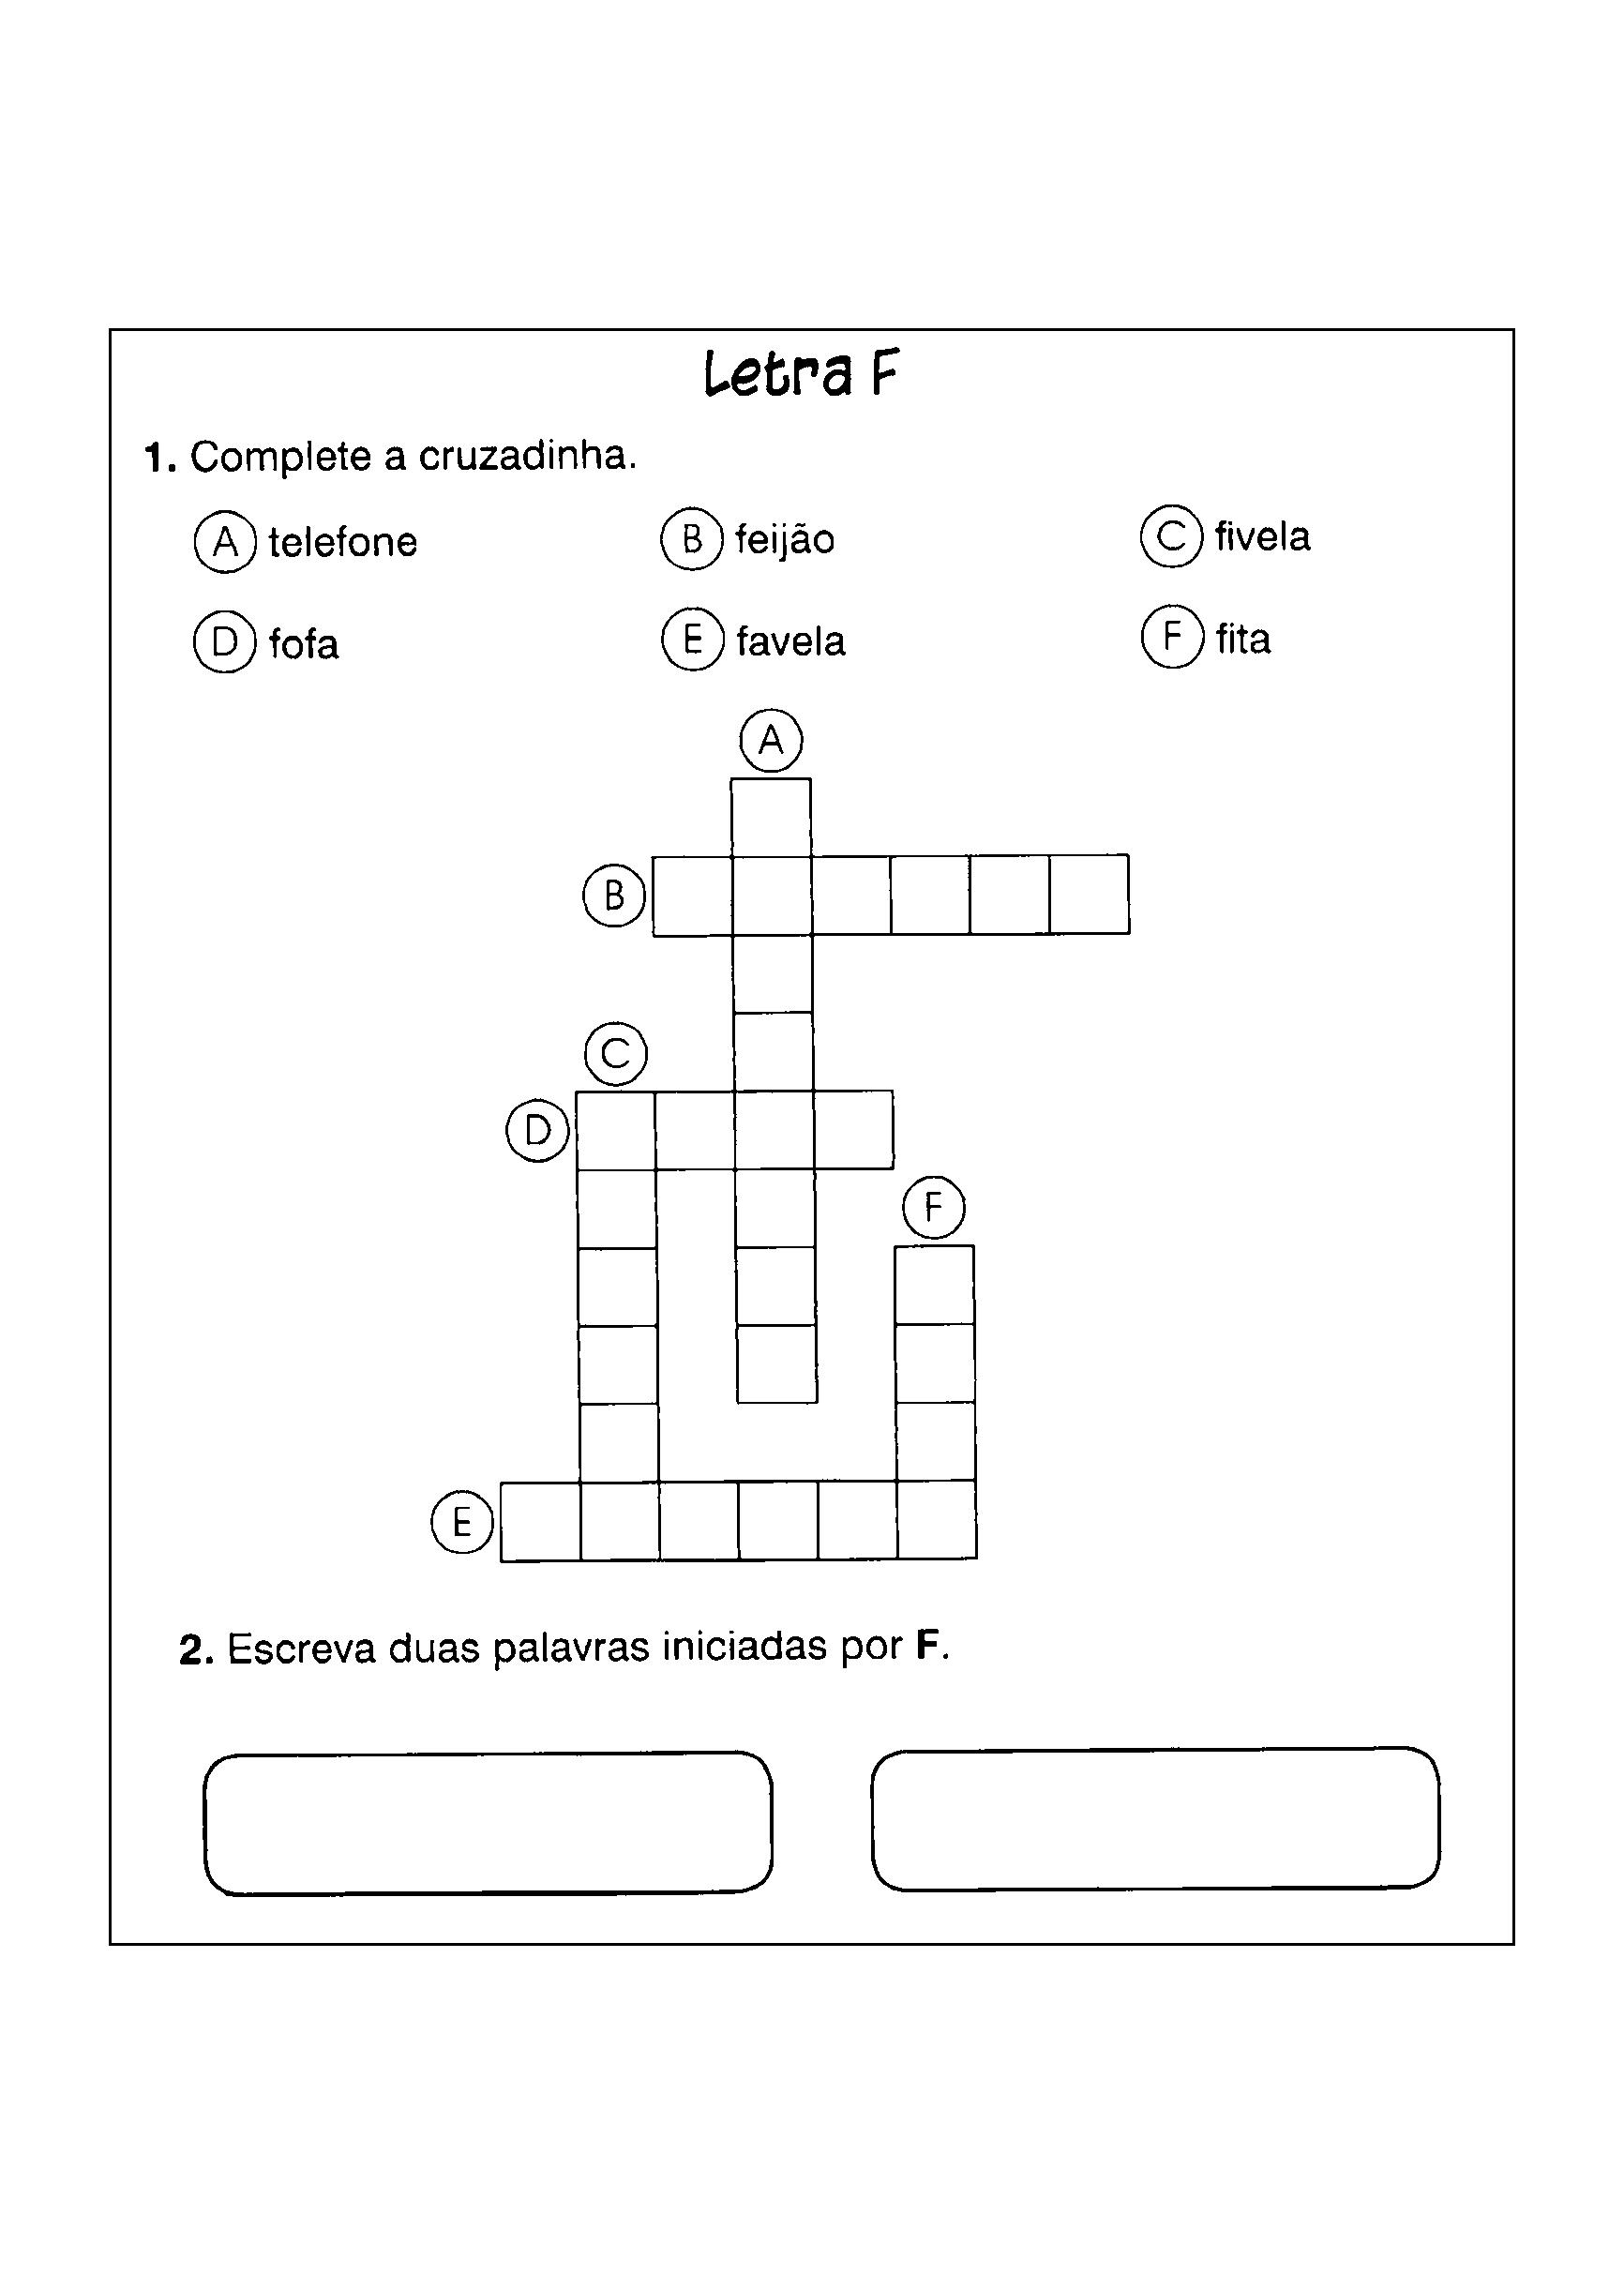 0181-cruzadinha-letra-f